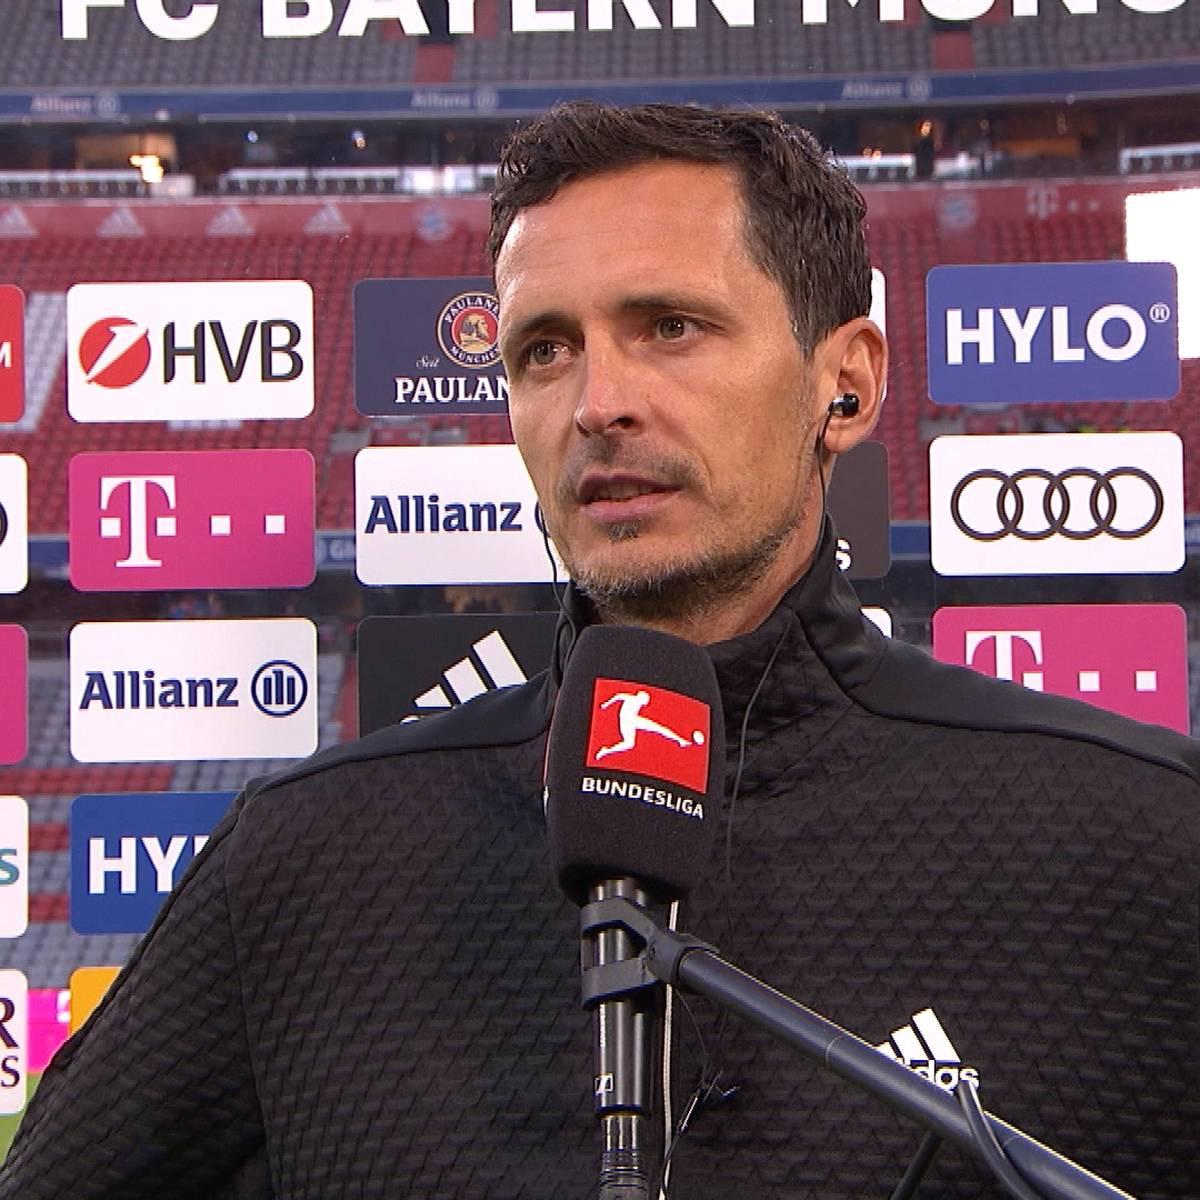 Toppmöller erklärt: So haben wir mit Nagelsmann kommuniziert